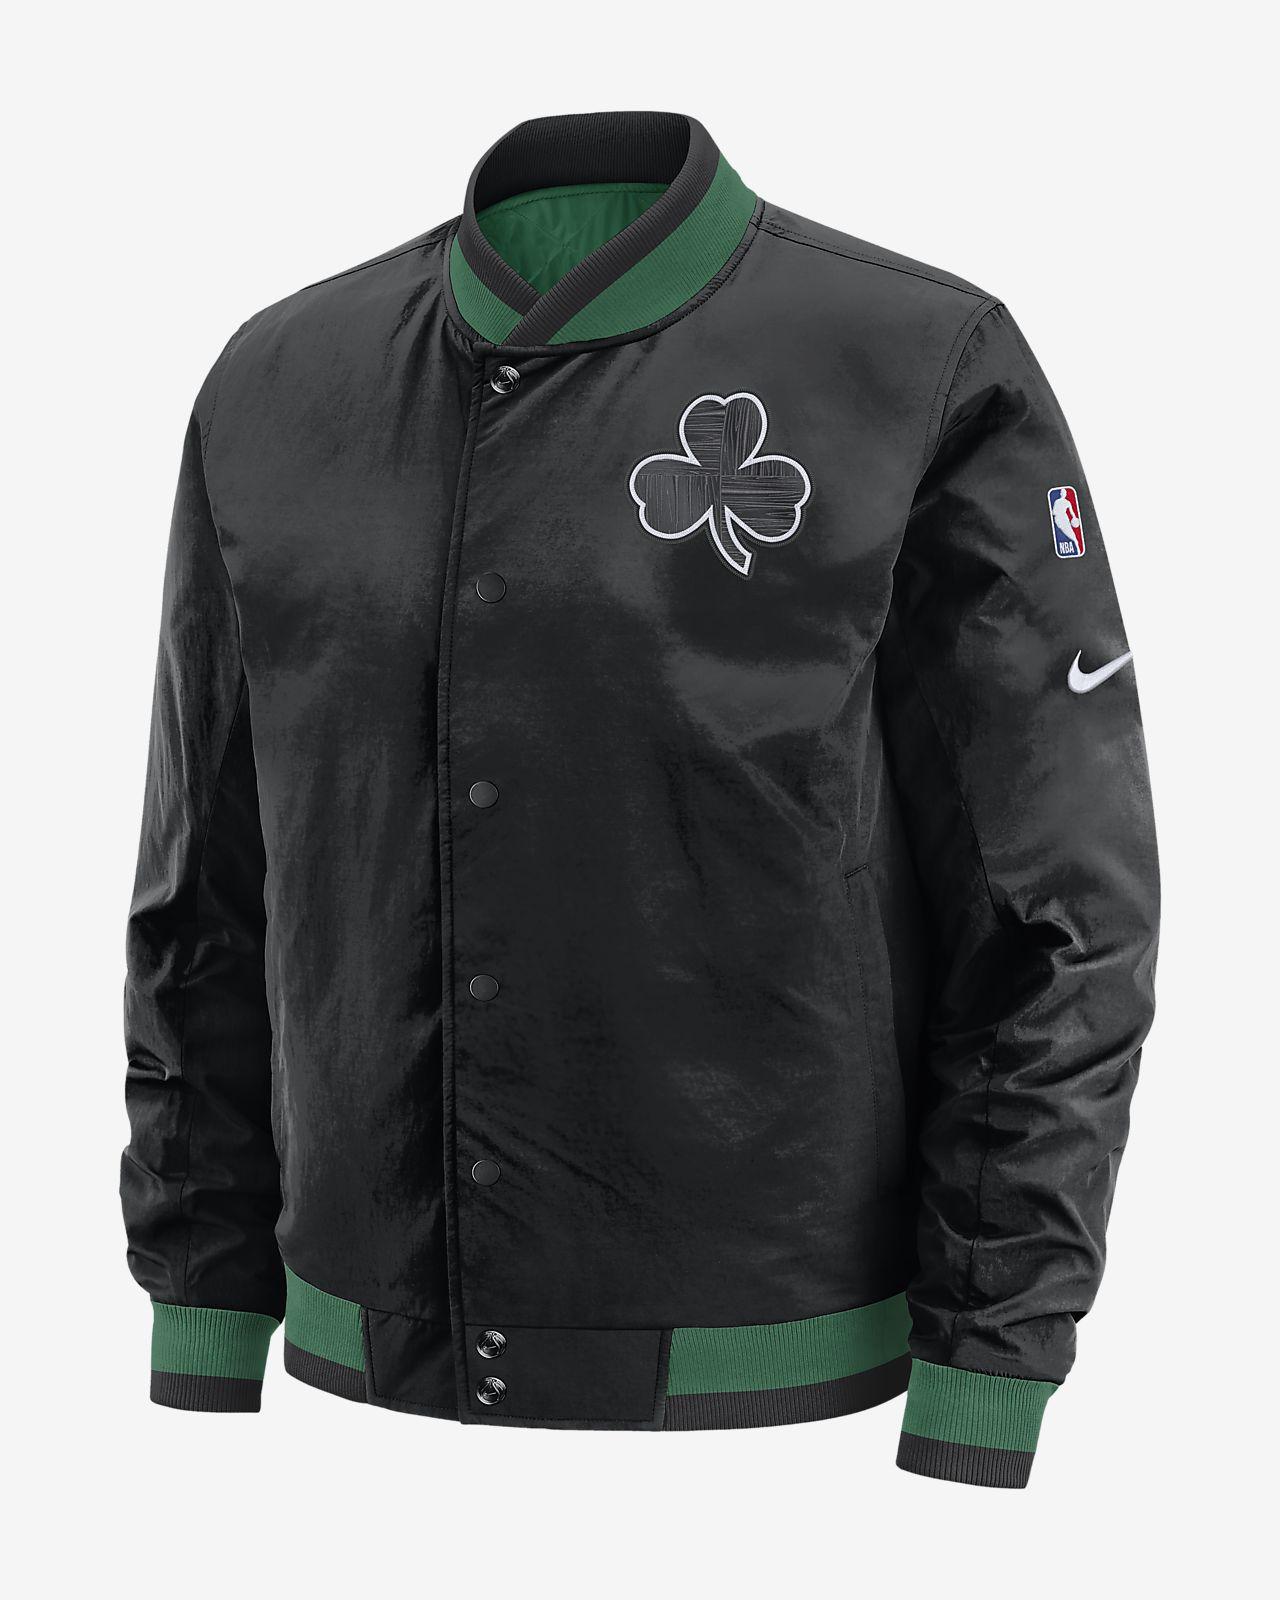 Boston Celtics Courtside vendbar Nike NBA-jakke til herre